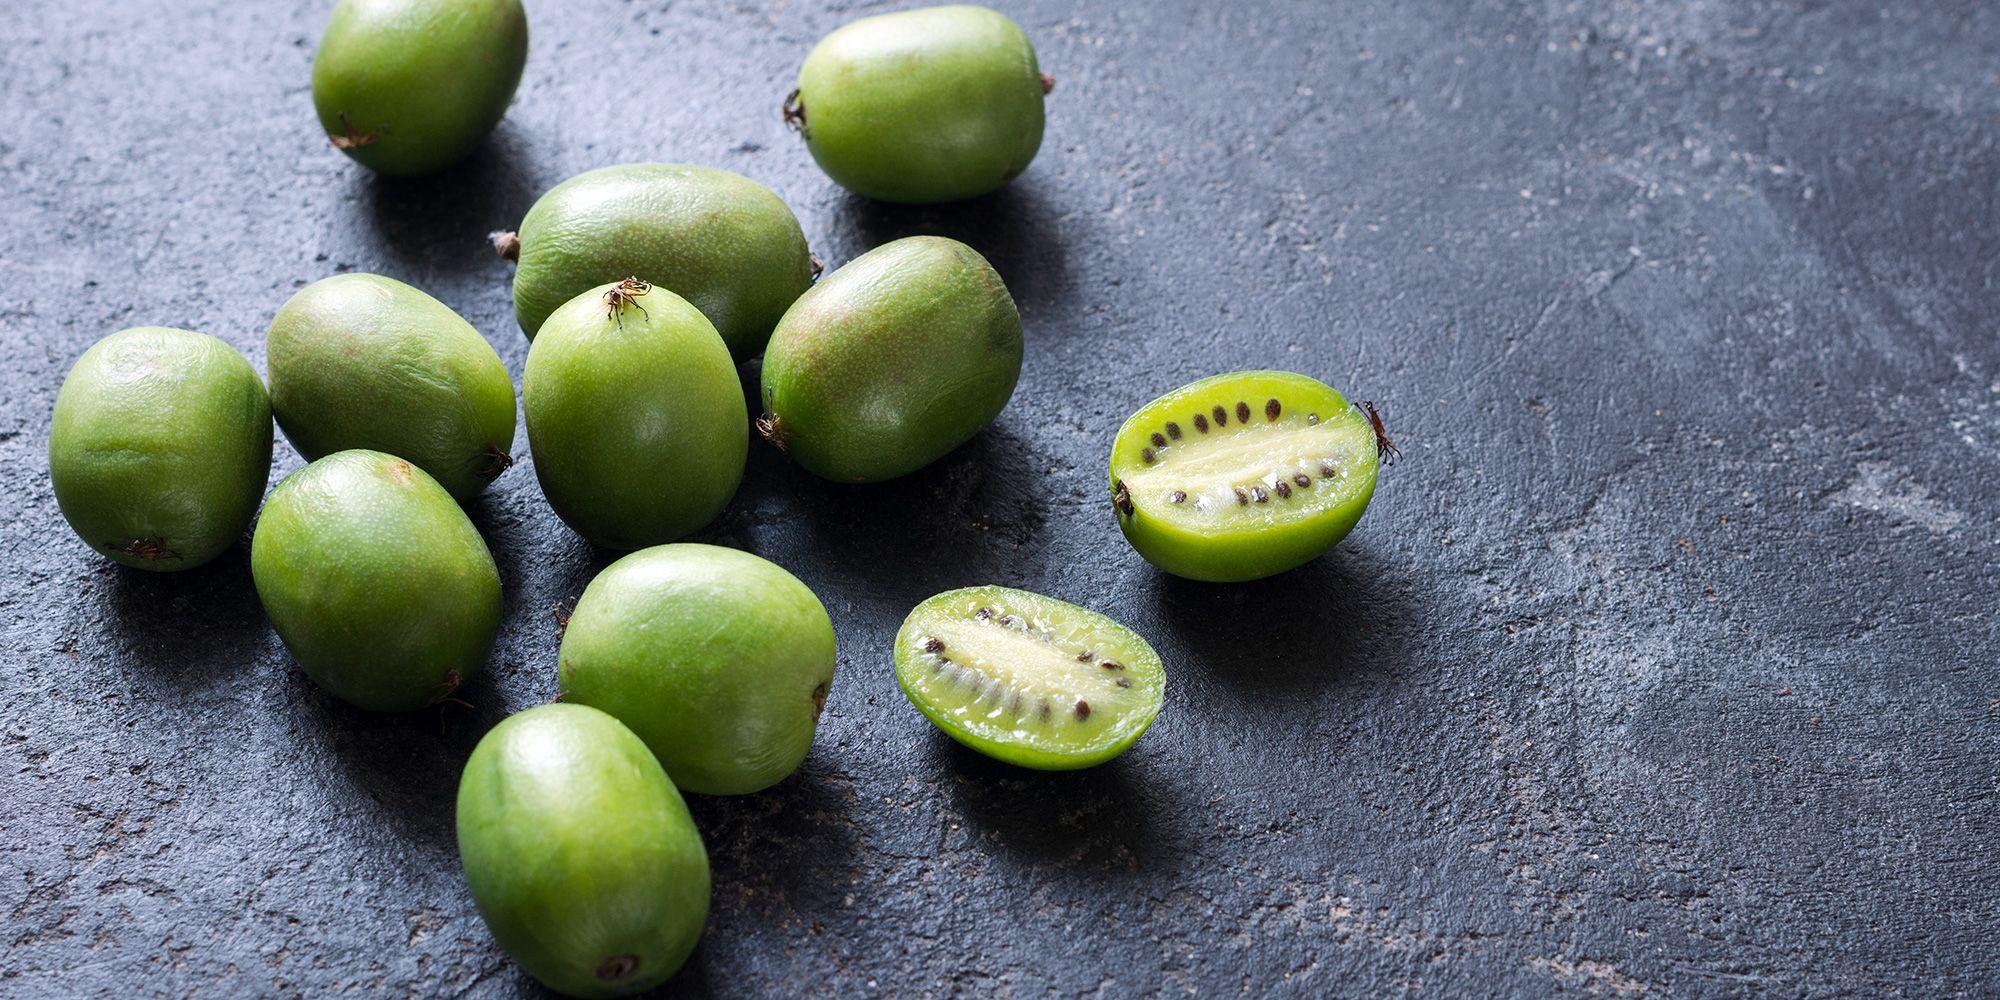 Kiwiberry, i mini kiwi piccoli come lamponi che diventeranno il tuo prossimo food preferito su Instagram